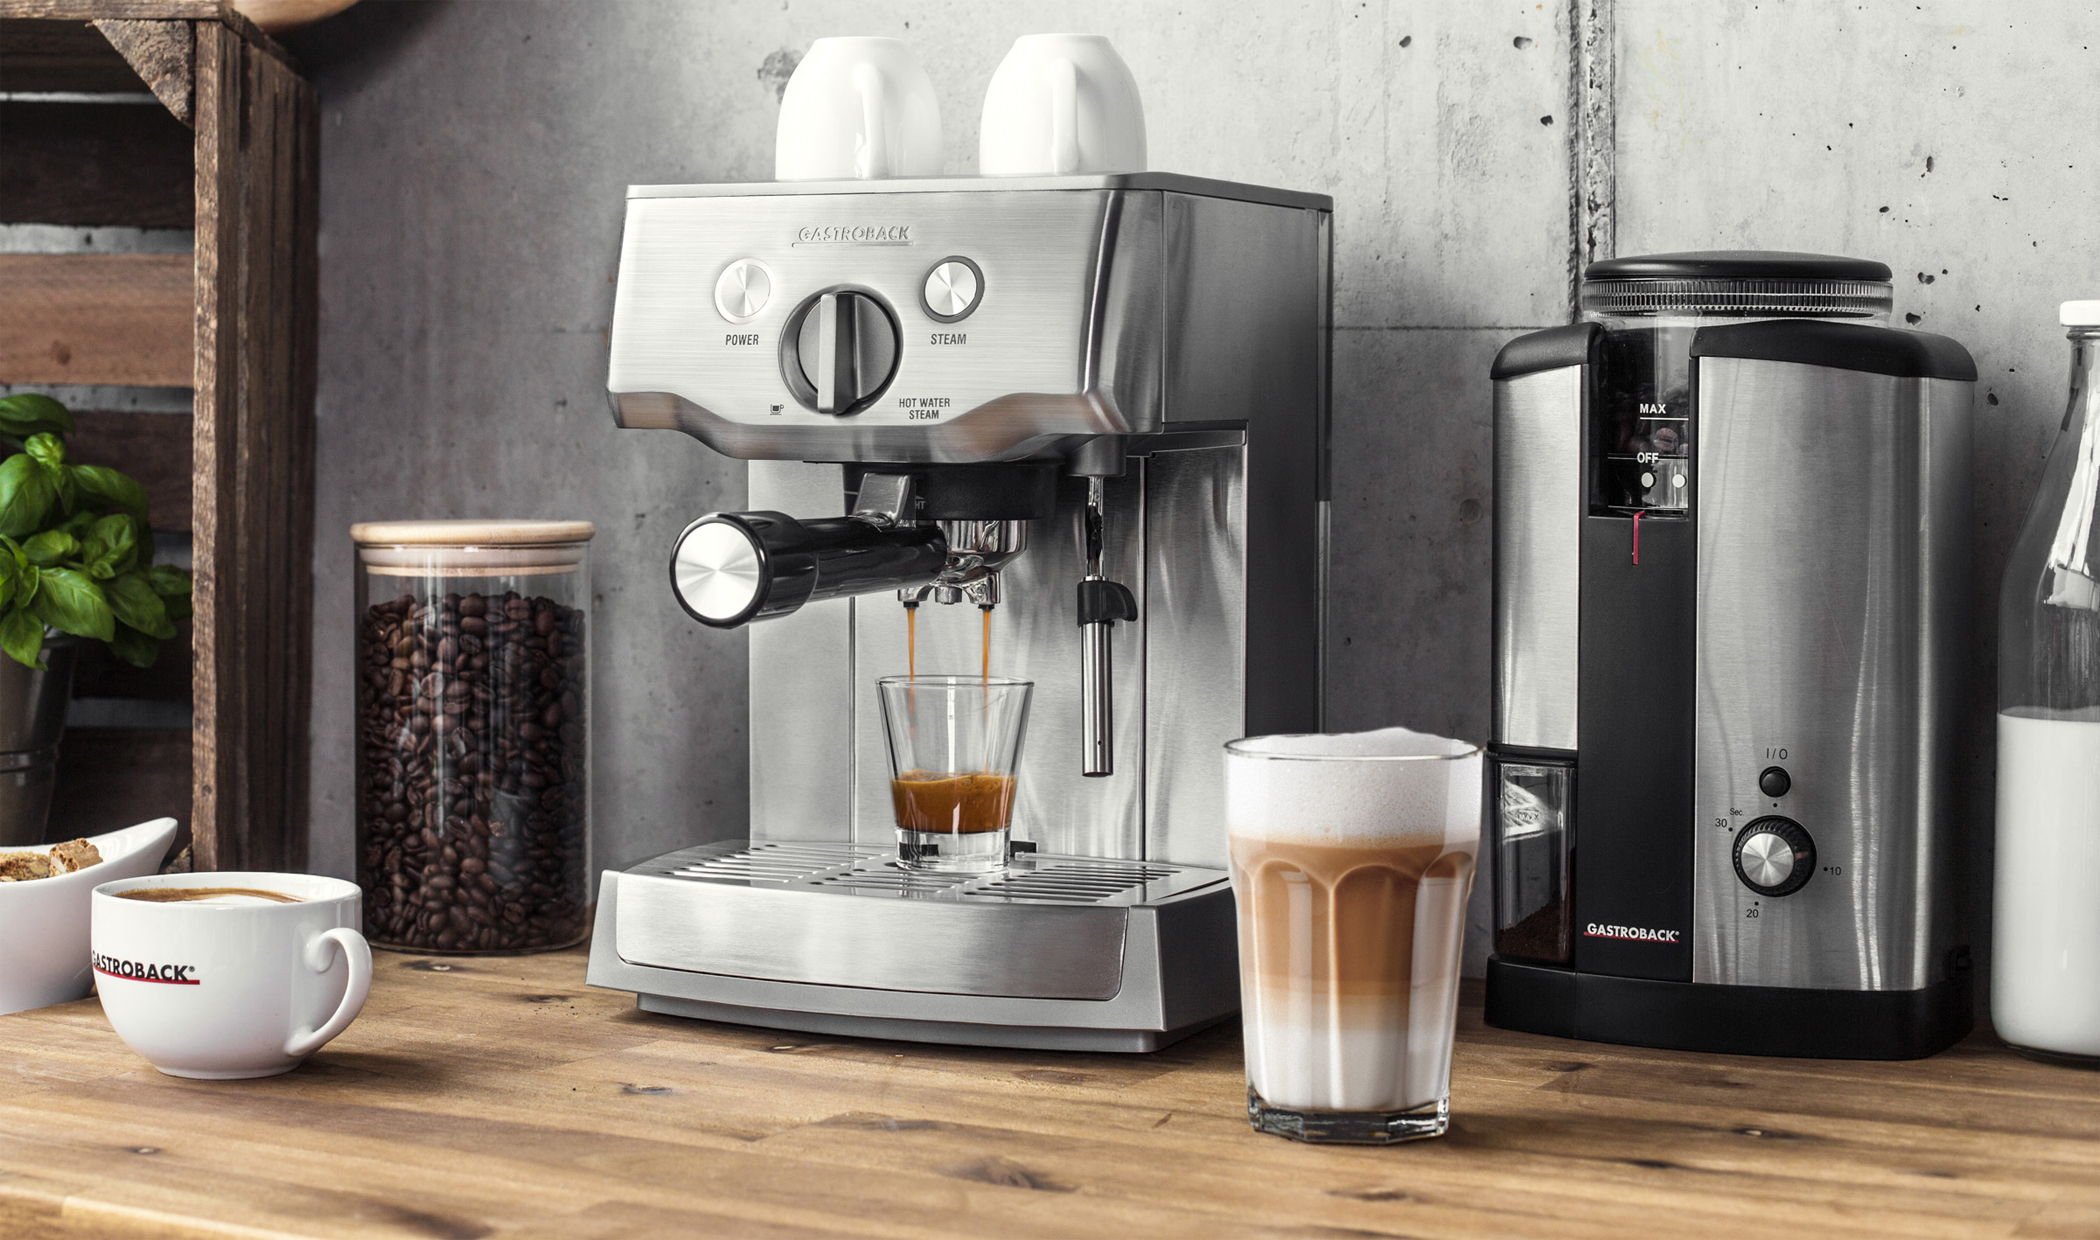 <h1>Gastroback Espressomaschine Design Espresso Pro</h1><h3 style='font-size: 20px; margin: 0px 0px 15px 0px;'> -Siebträgermaschine, E.S.E. Pad-Einsatz</h3>